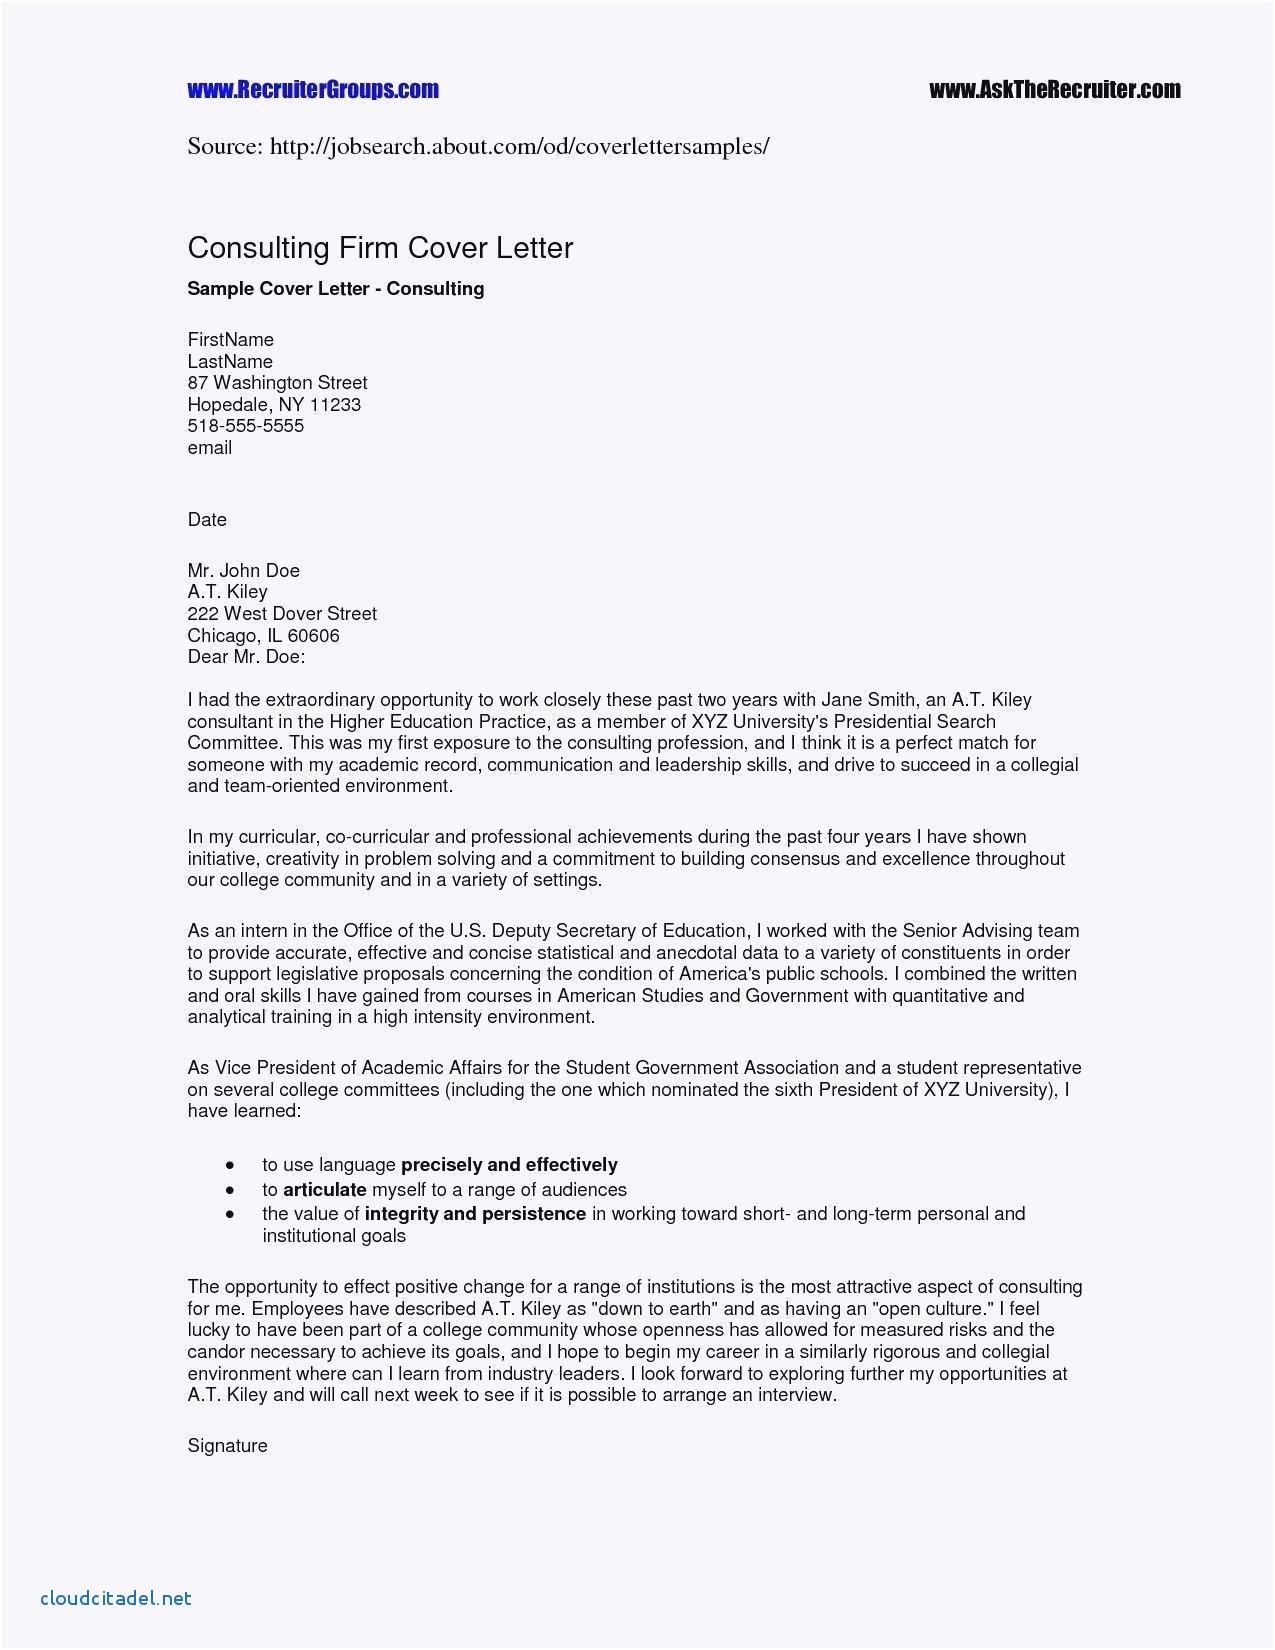 Cover Letter Template Doc - Elegant Letter Sample format Doc